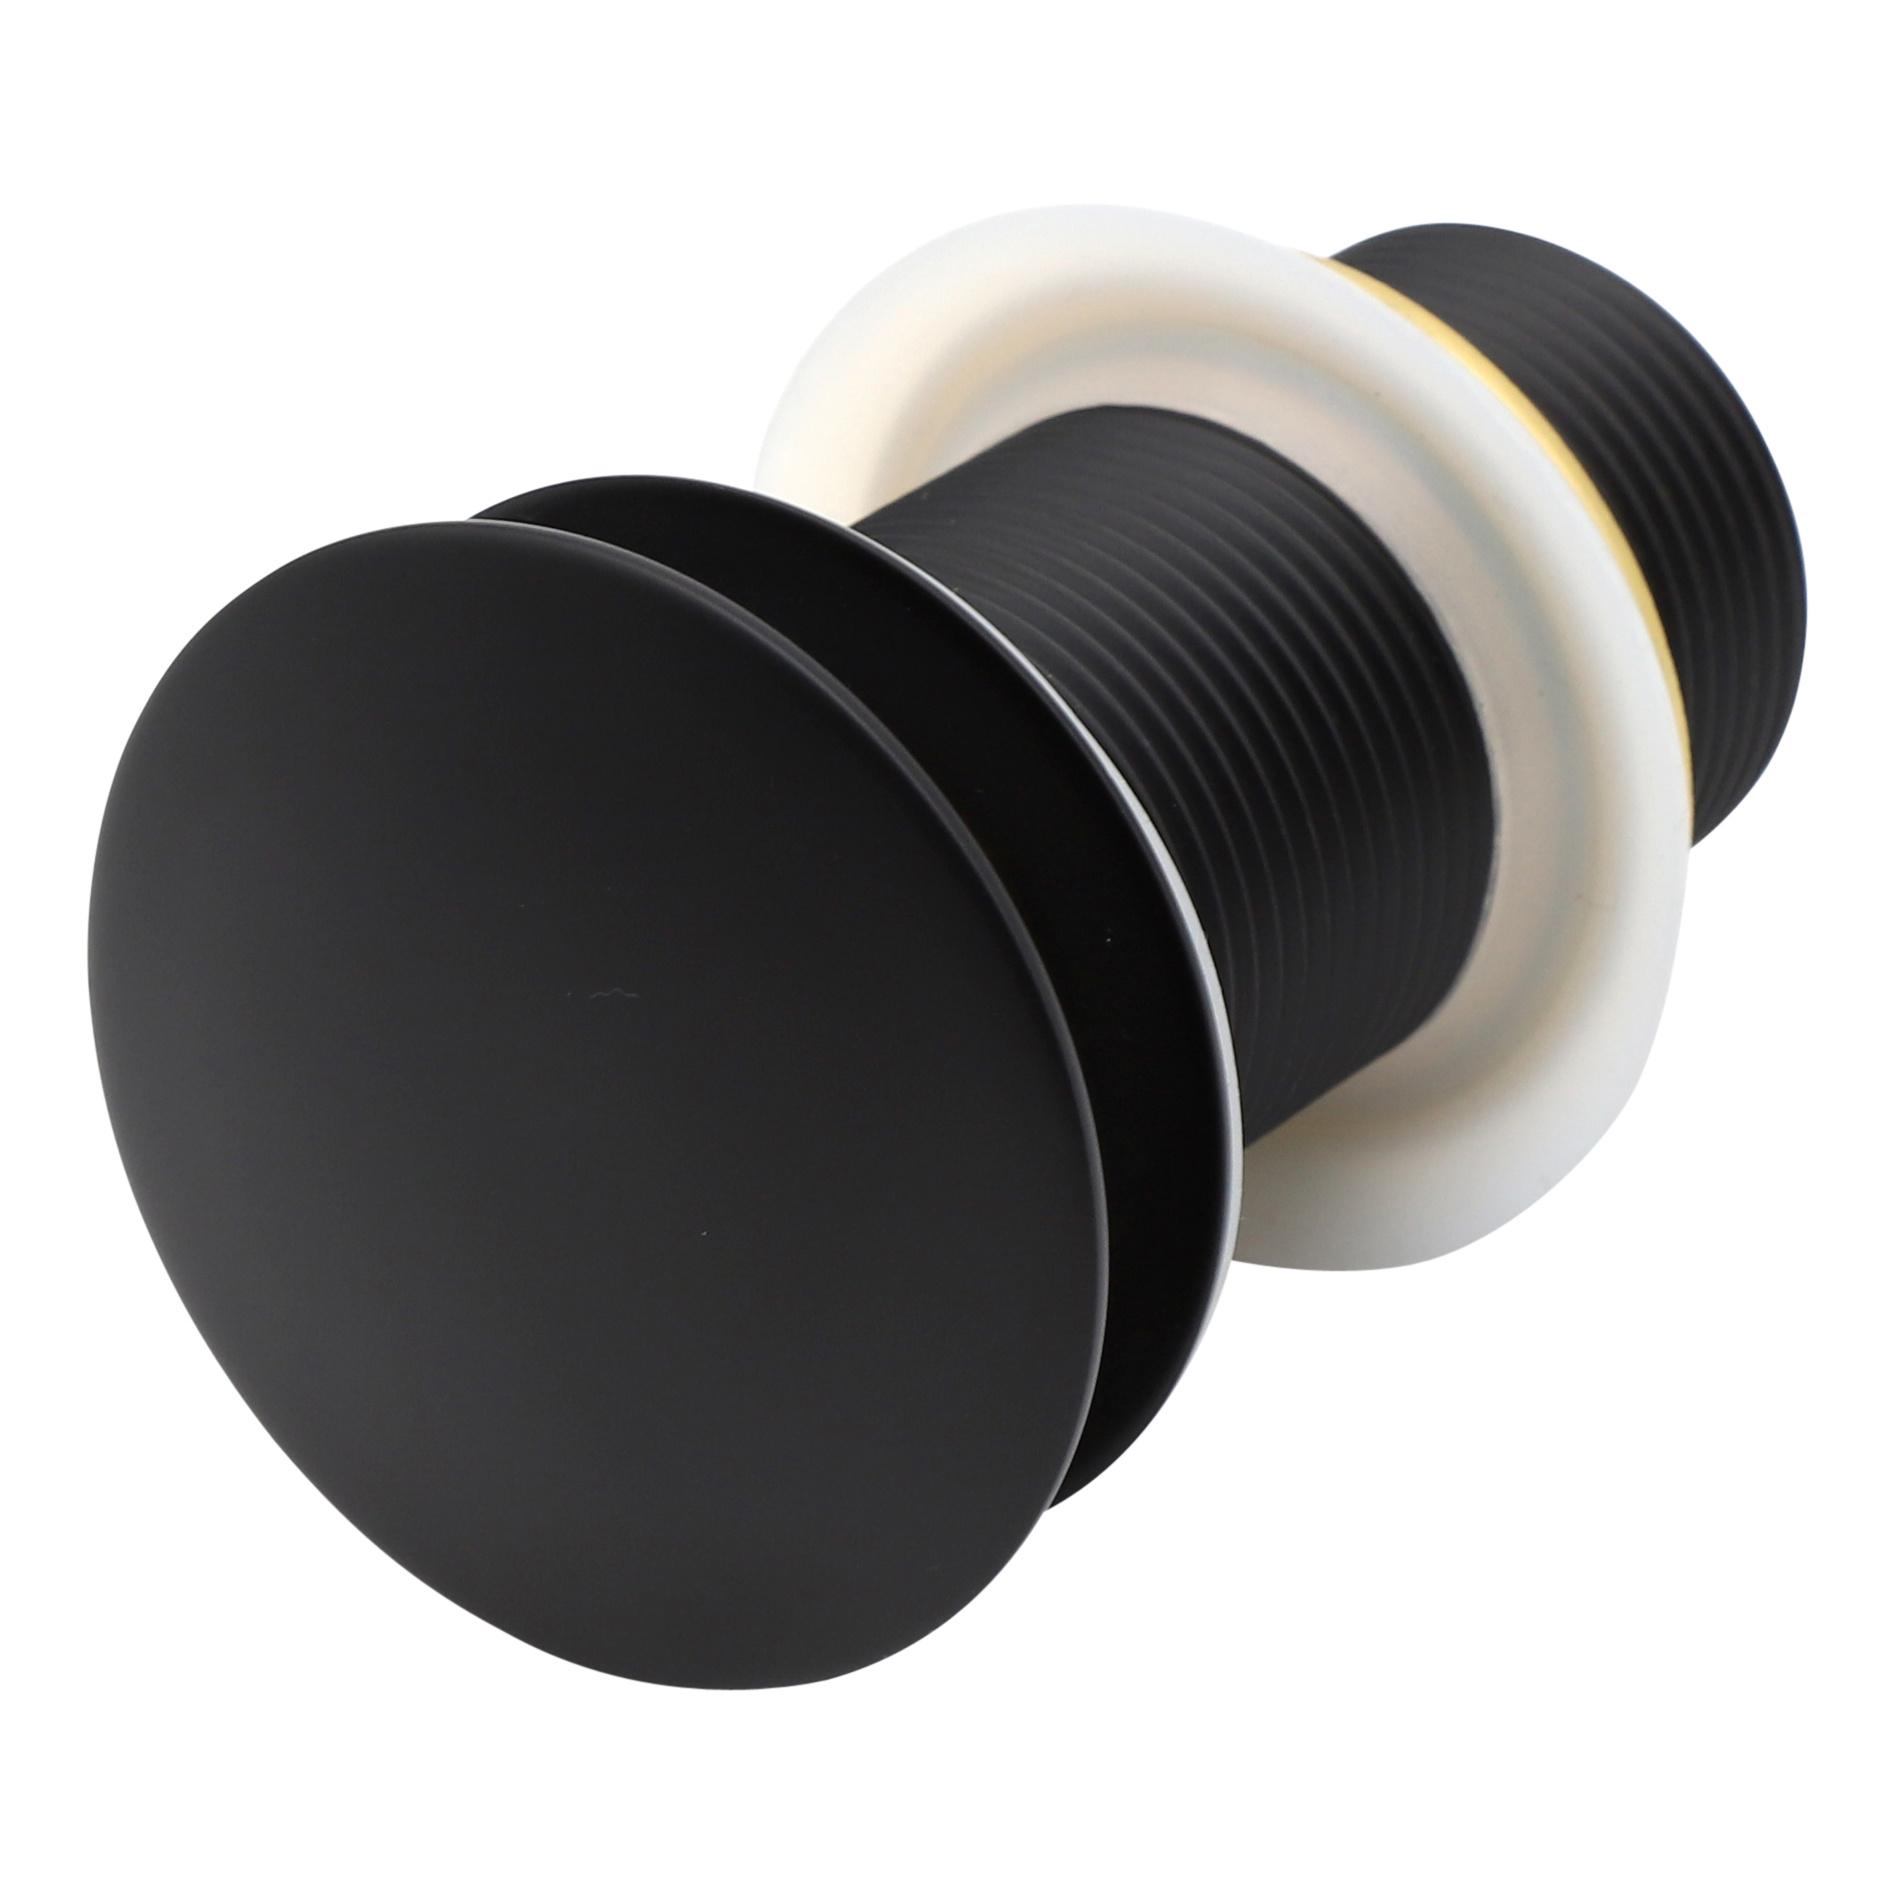 Indomarmer Pop-Up Ablaufventil mit langem Schaft 9 cm Mattschwarz